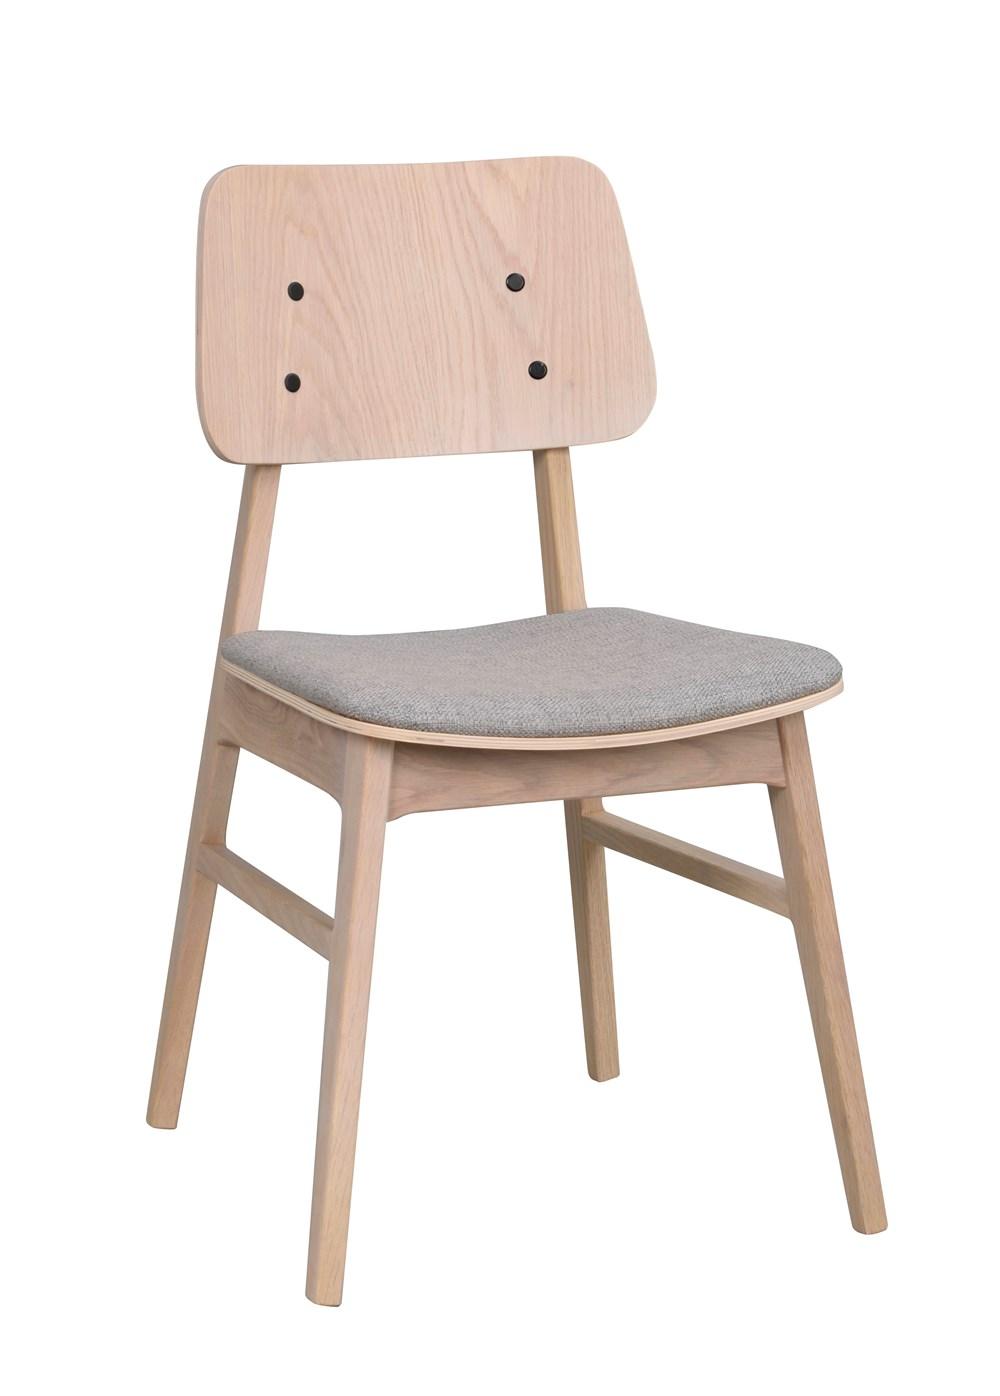 Nagano tuoli valkolakattu tammi/vaalenharmaa